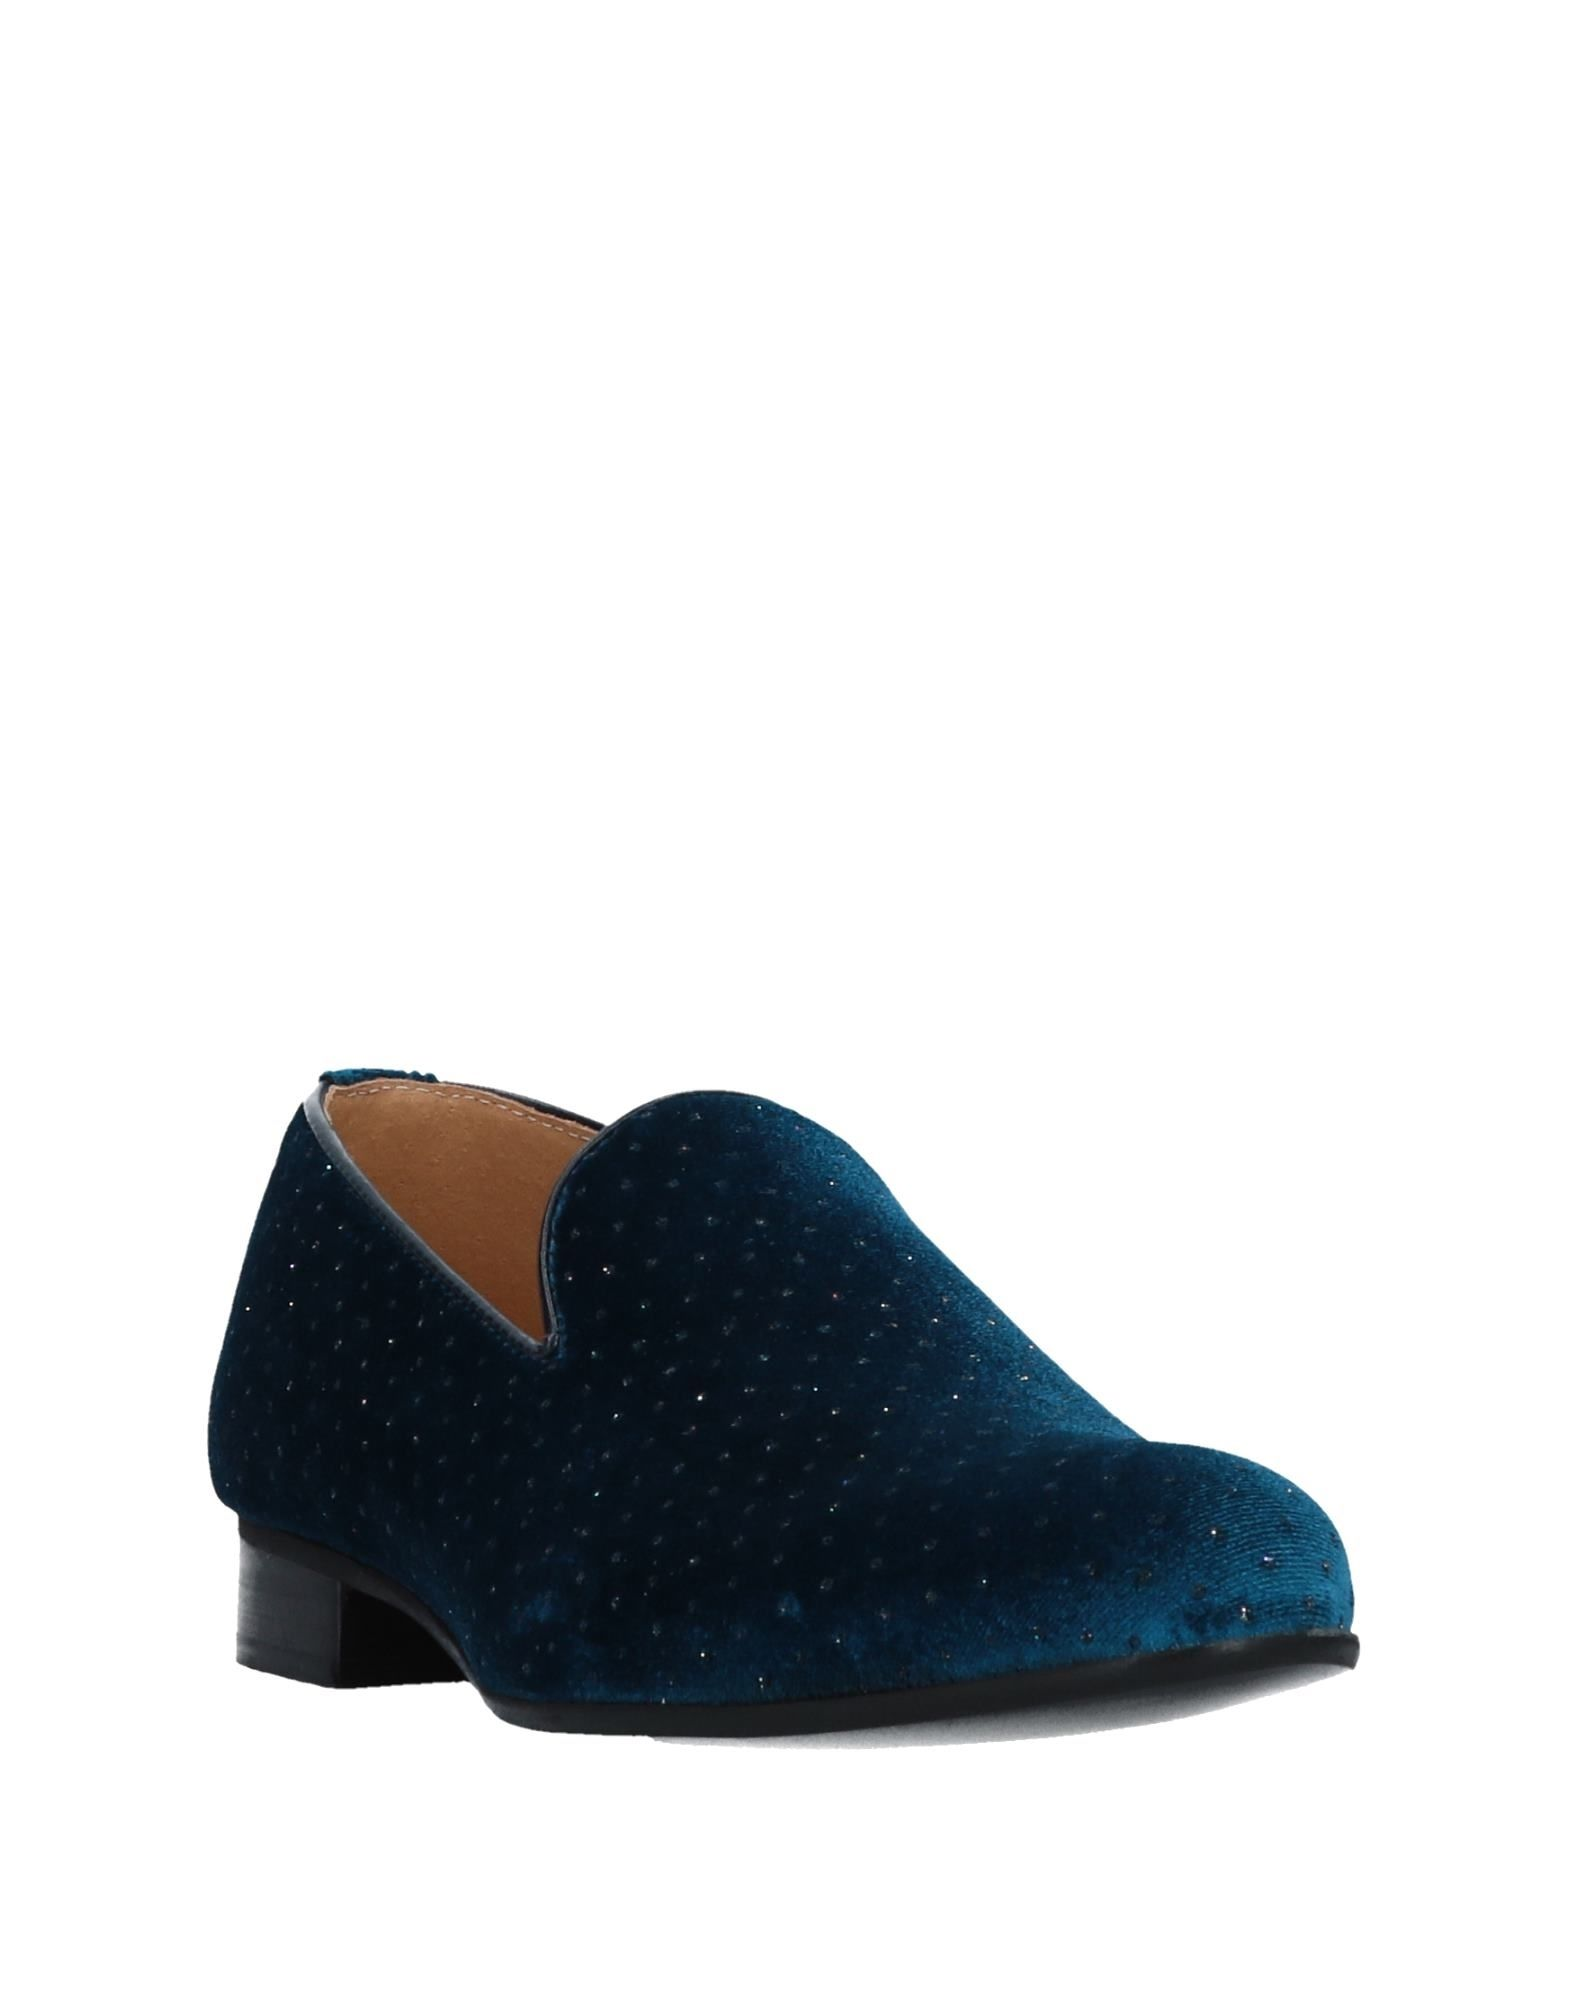 Alberto Moretti Mokassins Herren beliebte  11505490JV Gute Qualität beliebte Herren Schuhe 08ddc6